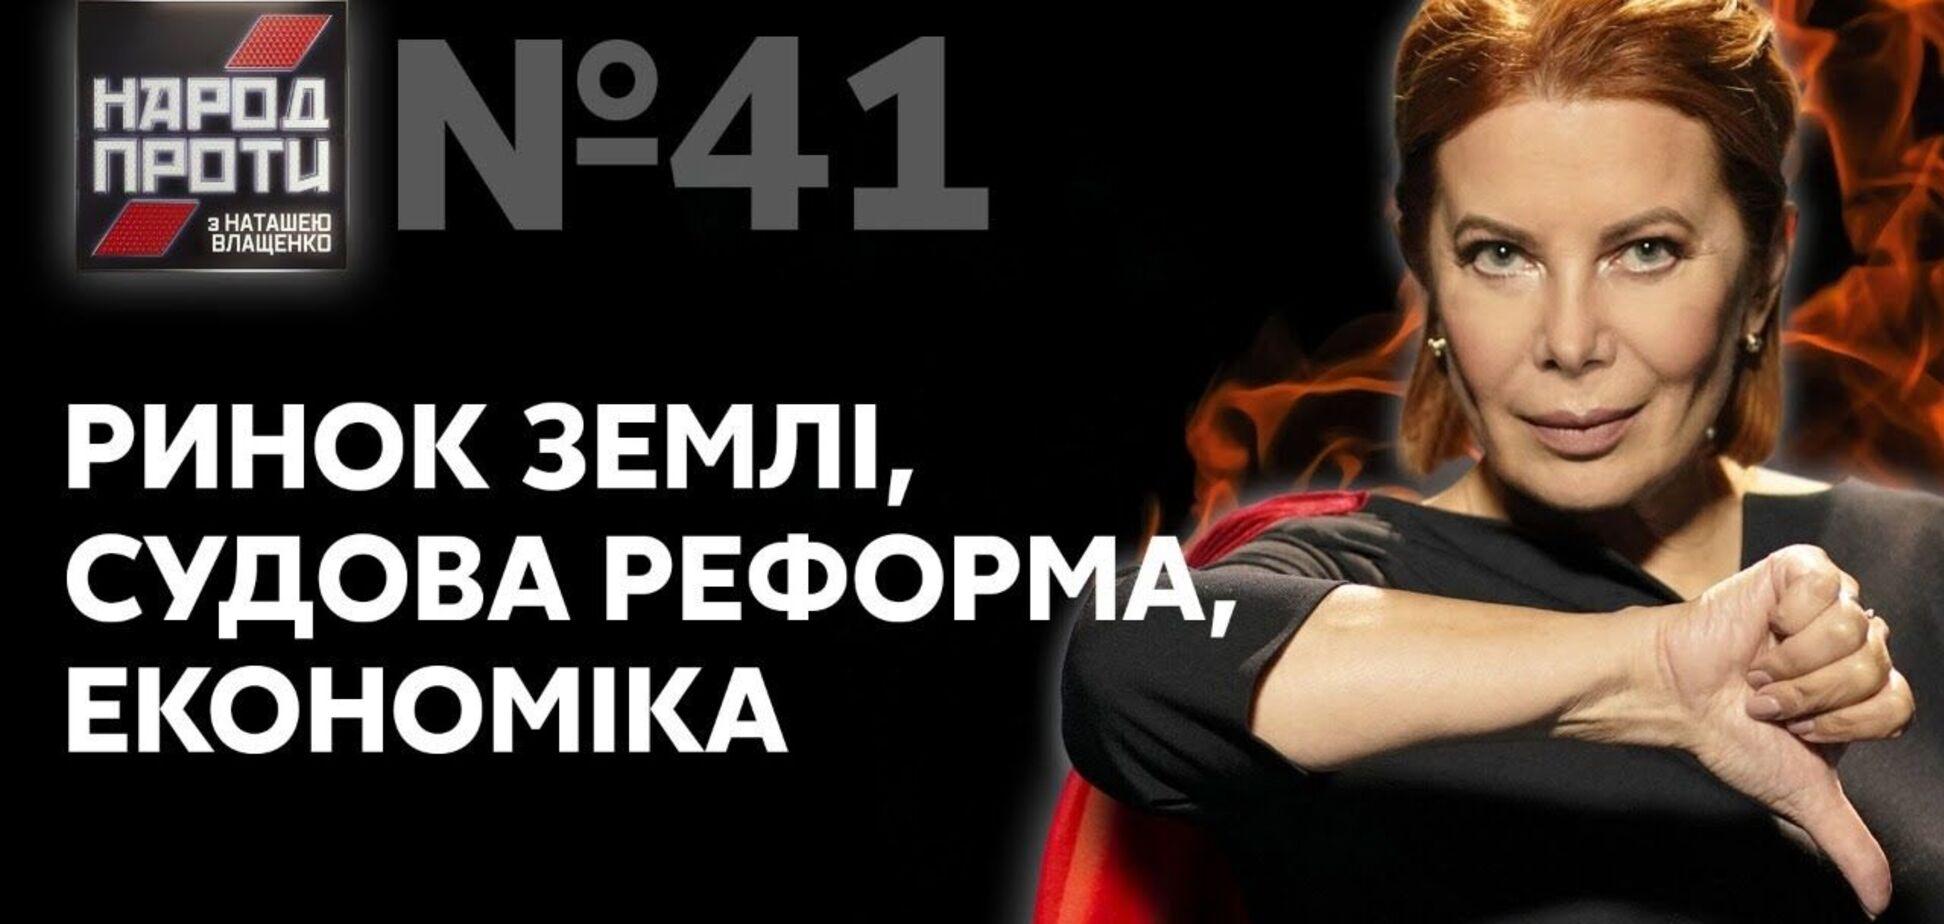 Шоу 'Народ против' Натальи Влащенко получило рекордный показатель в просмотрах на телевидении